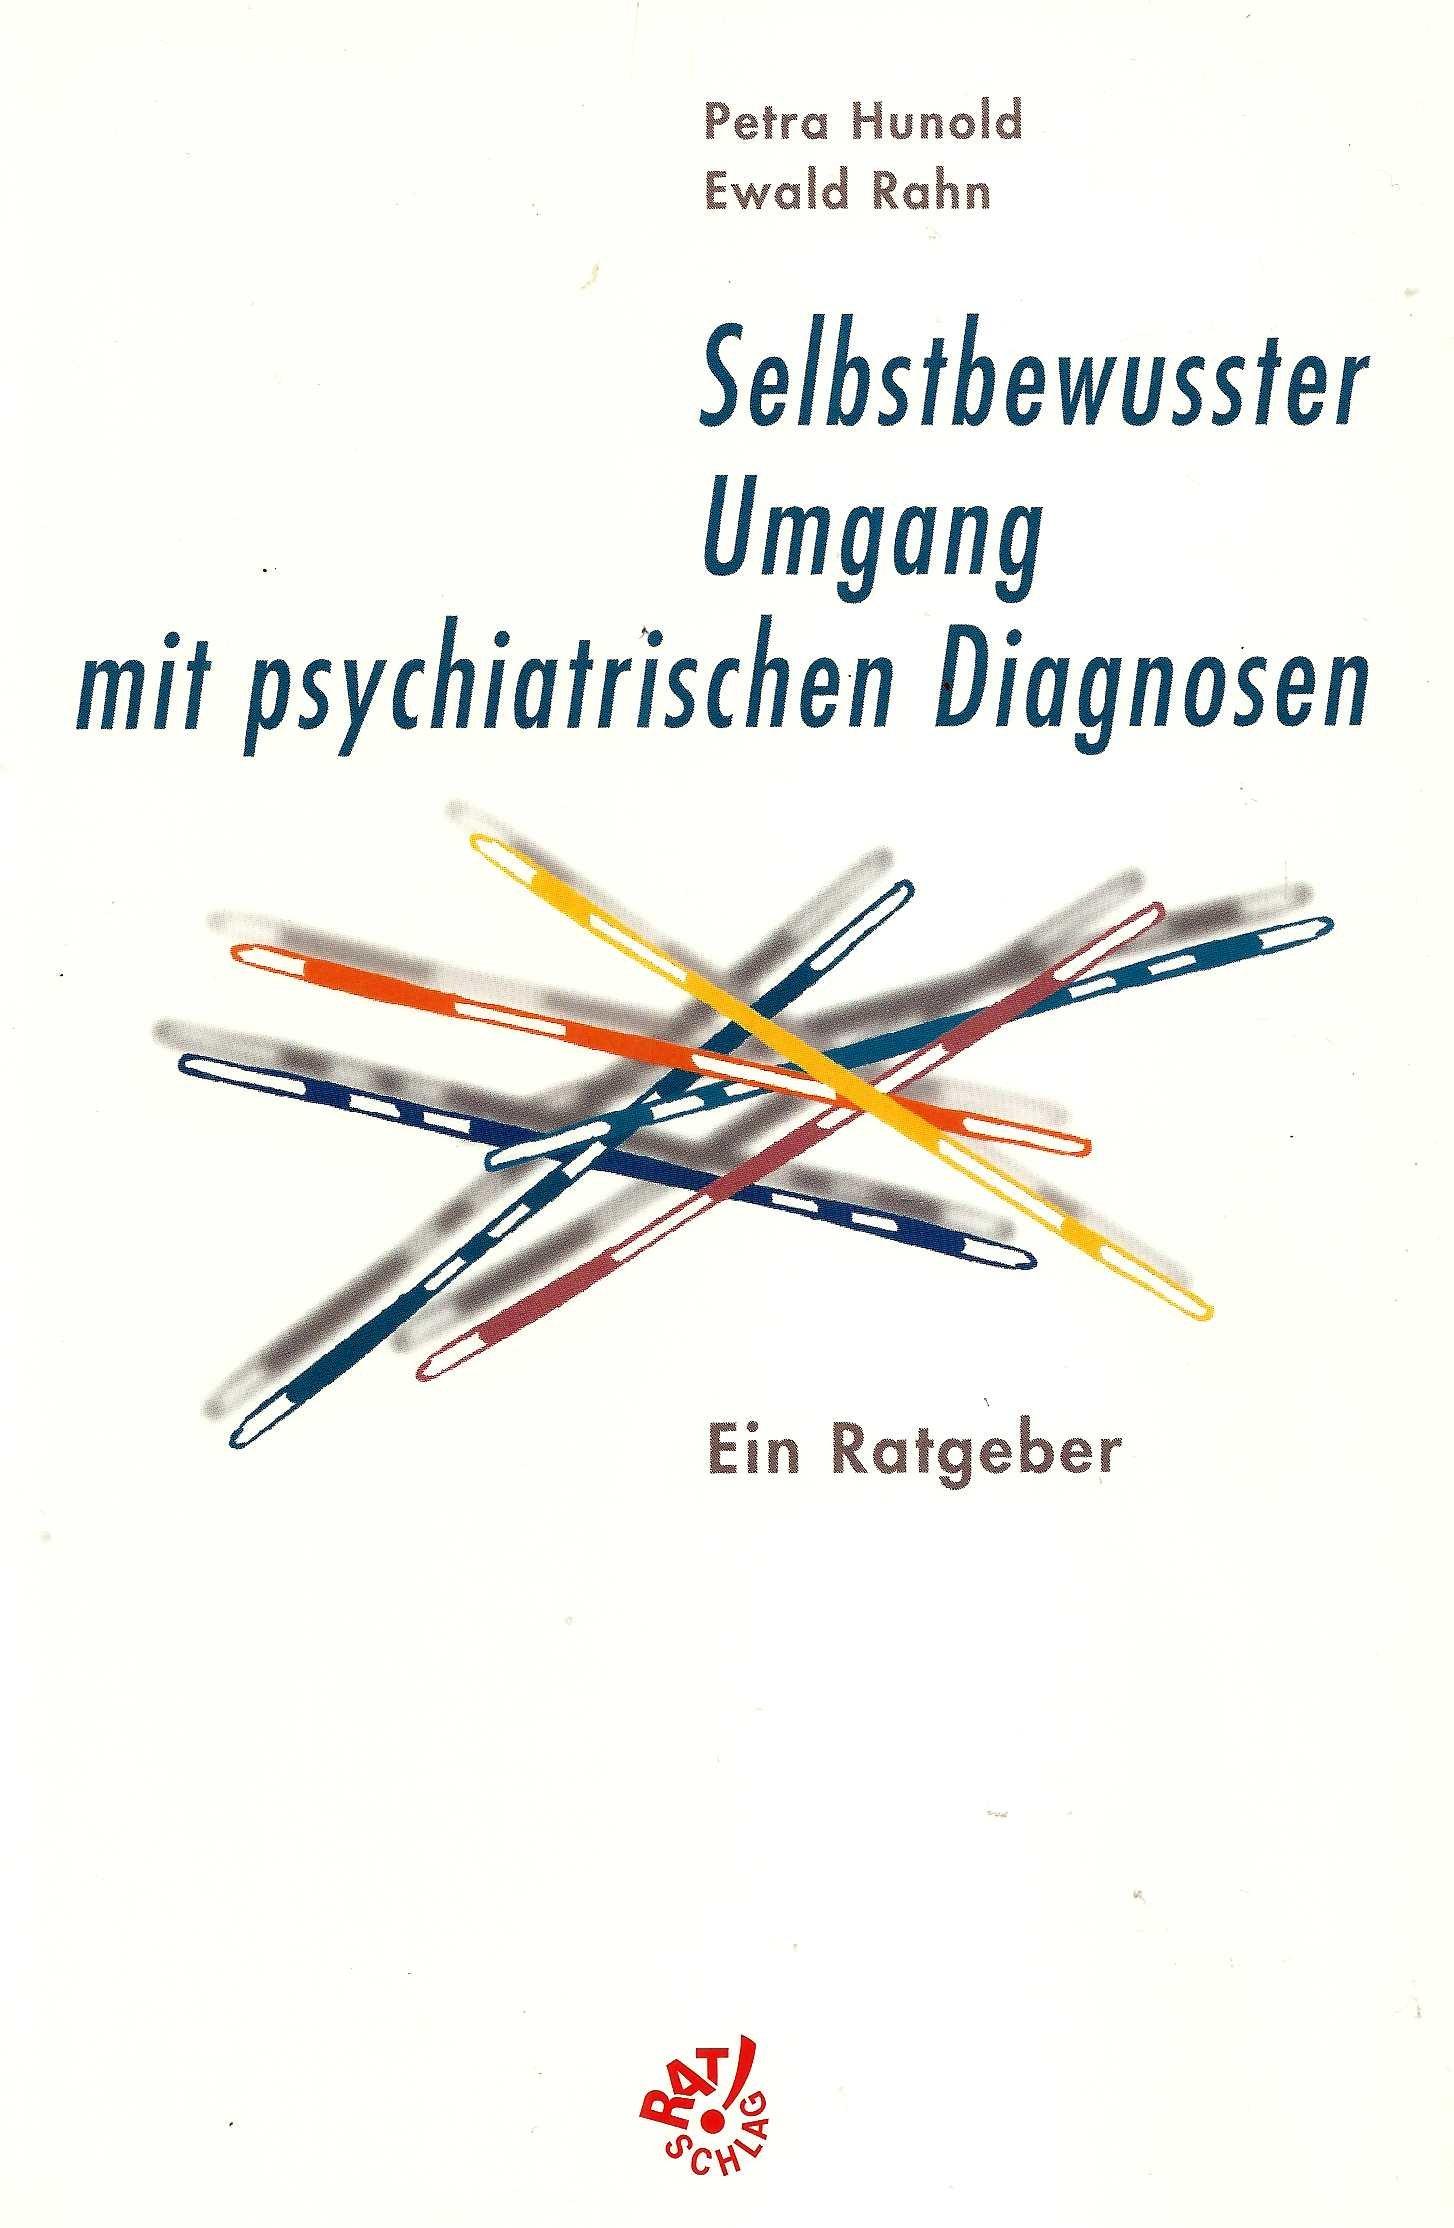 Selbstbewusster Umgang mit psychiatrischen Diagnosen: Ein Ratgeber